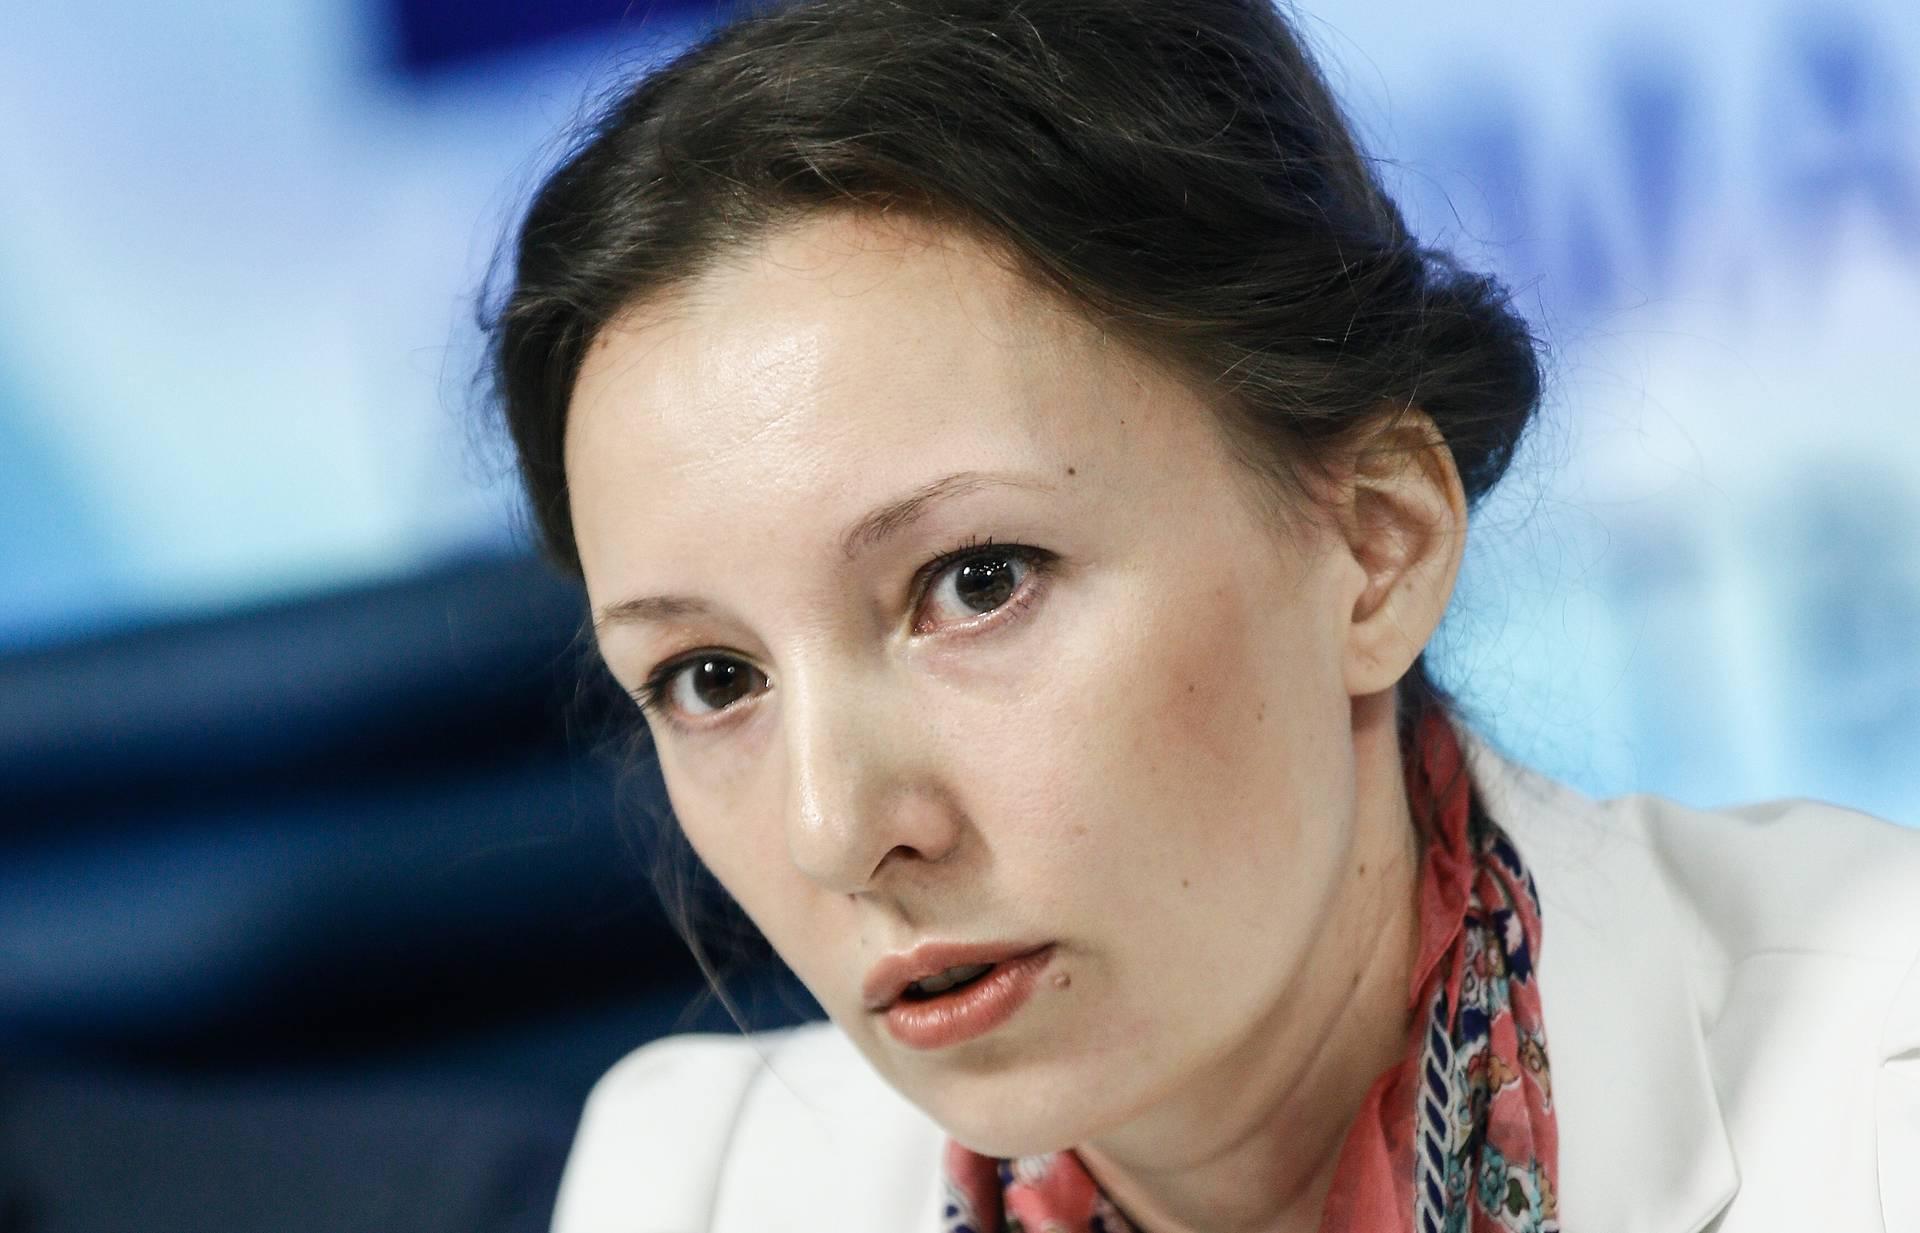 Россияне стали чаще обращаться к уполномоченному по правам ребенка